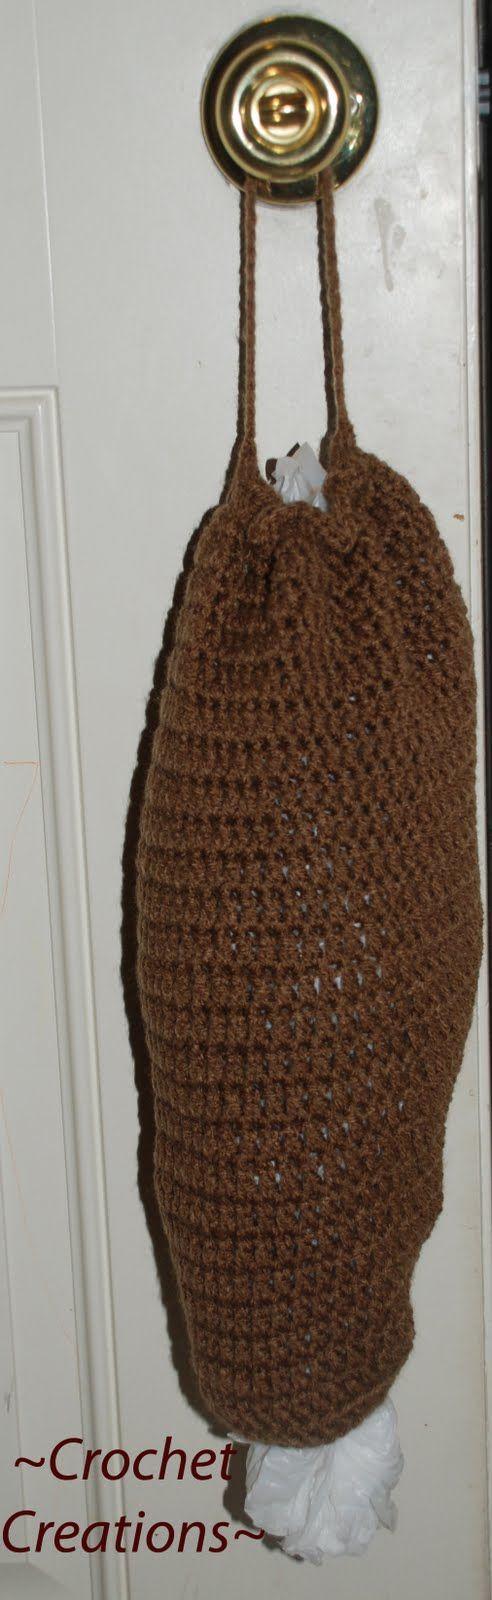 Crochet Pattern For Grocery Bag Dispenser : Crochet Bag Holder Crochet Pinterest